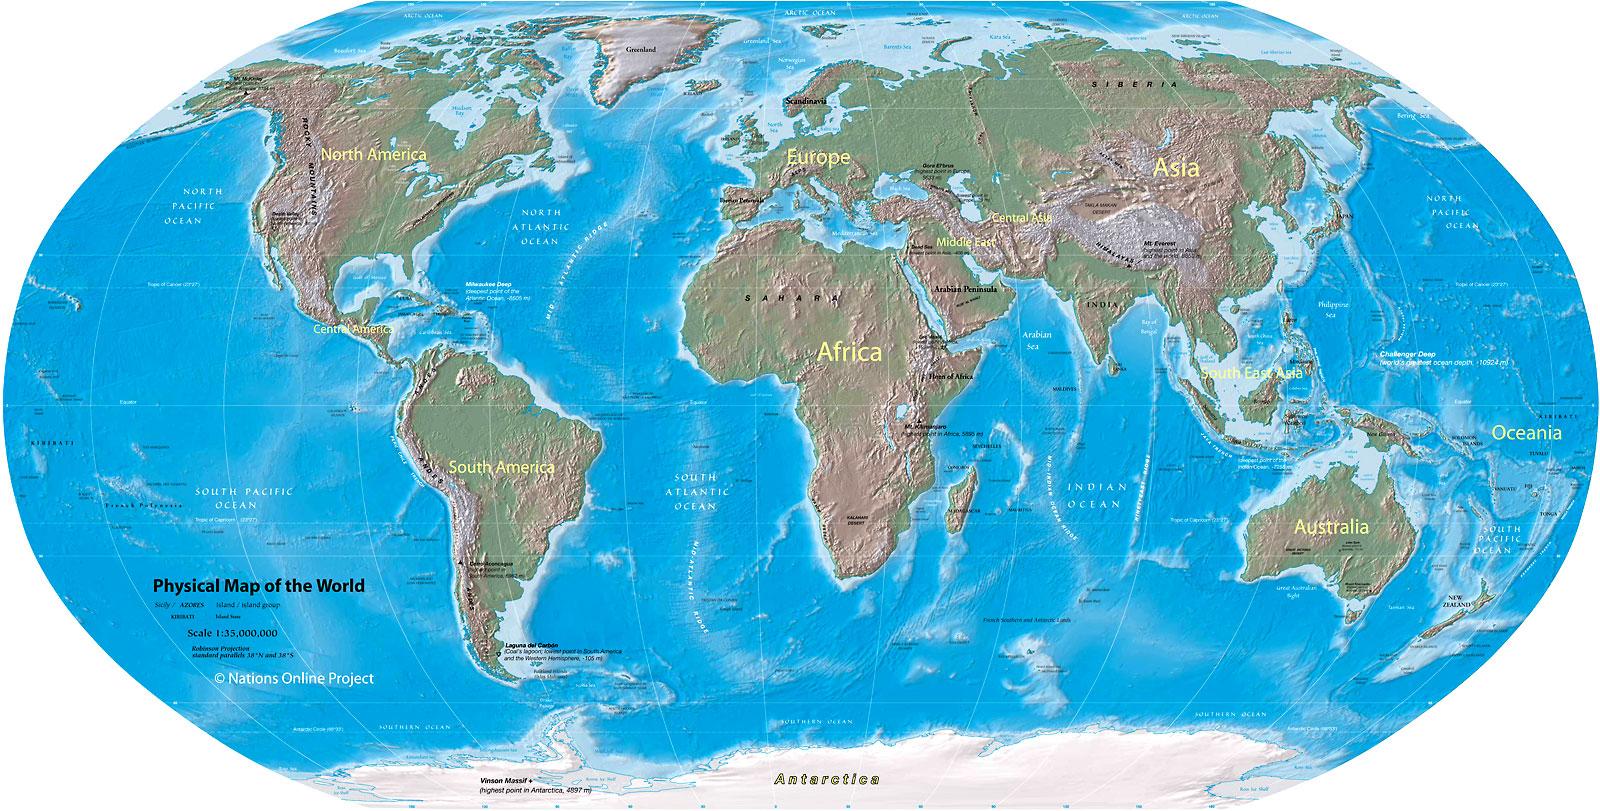 verdensdeler kart Verdensdeler | UNDERVISNING: inspirasjon, tips og idèer verdensdeler kart